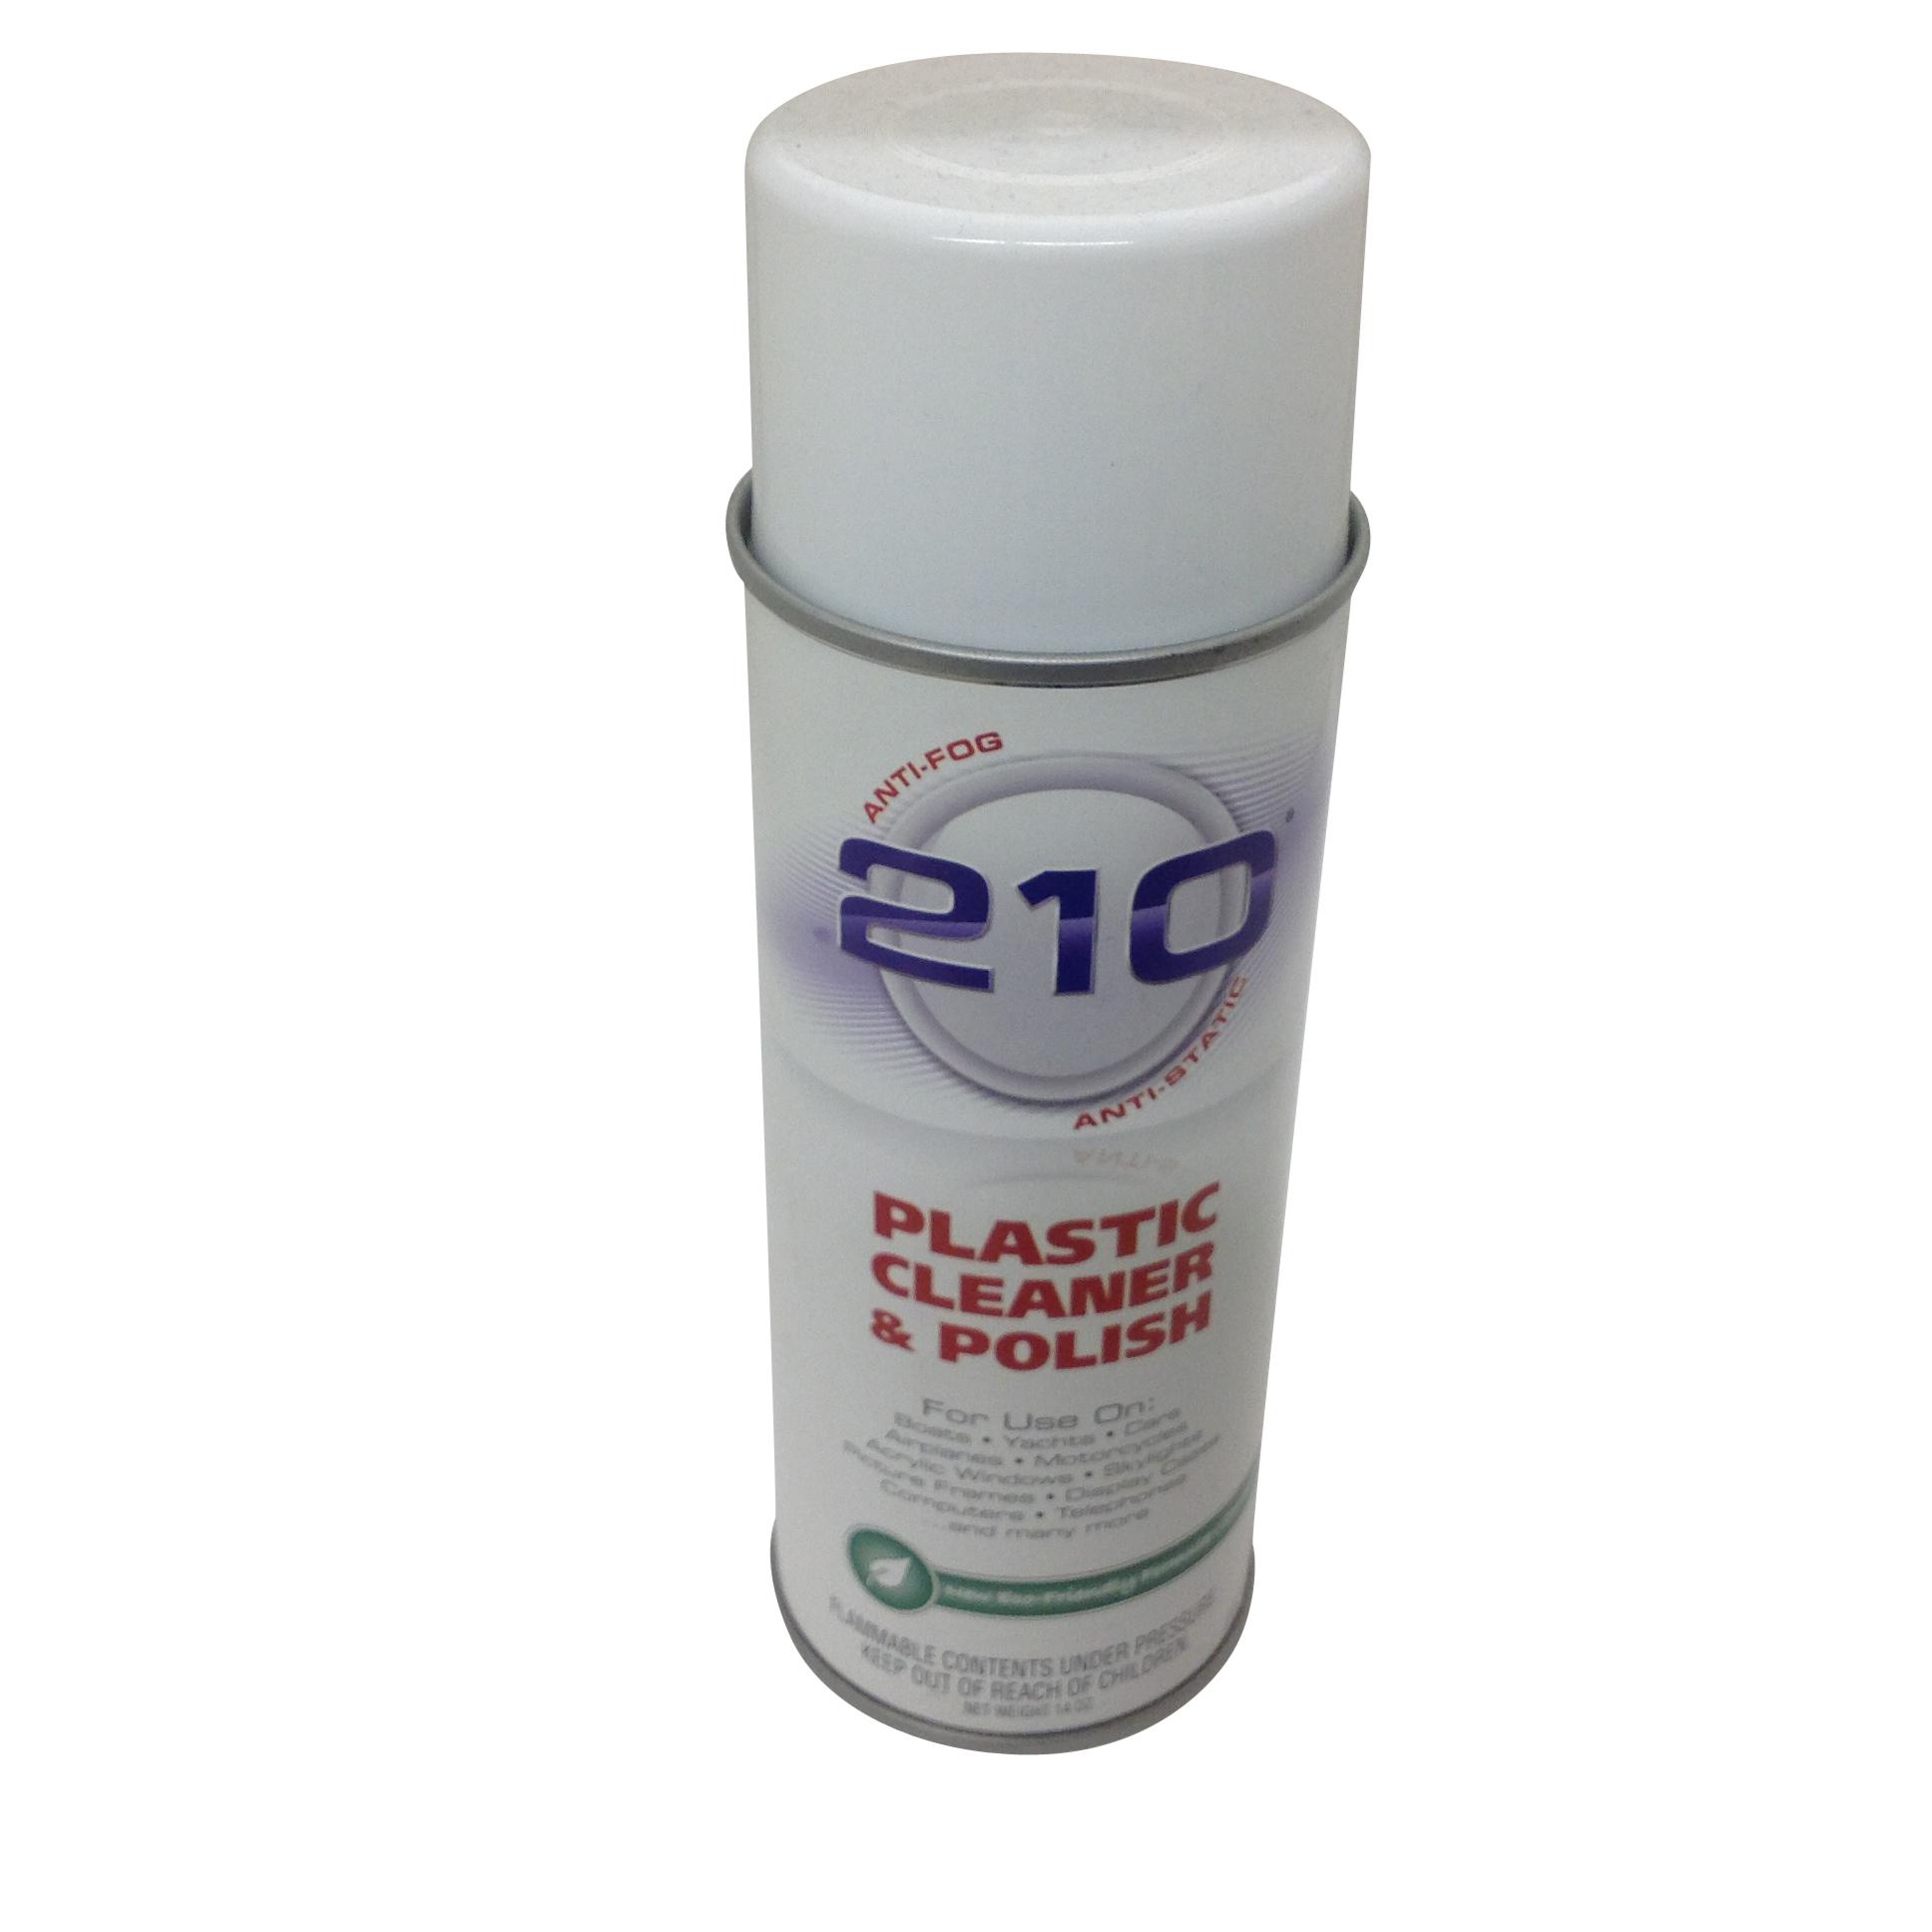 210 Eisenglass Cleaner